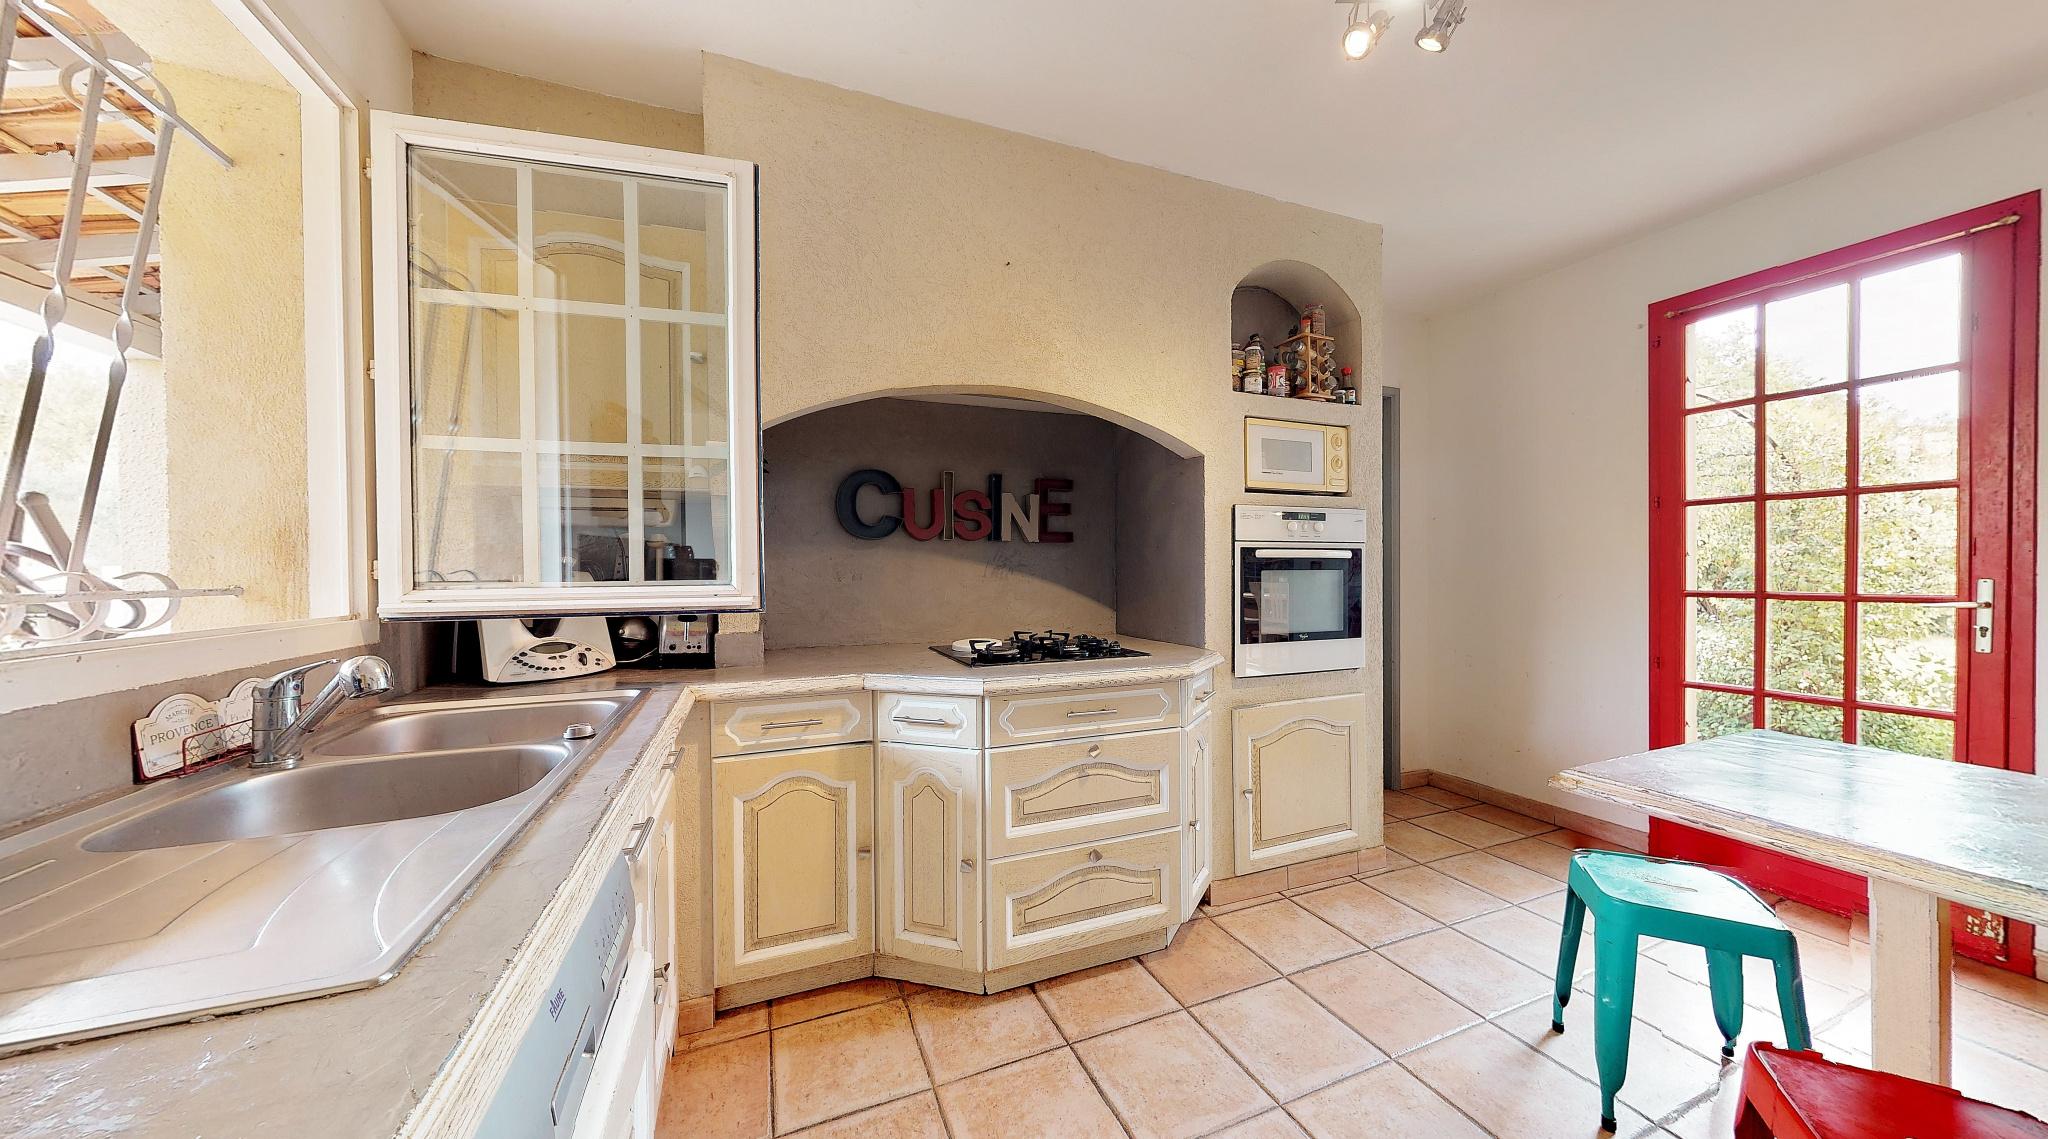 Maison traditionnelle à Rognes